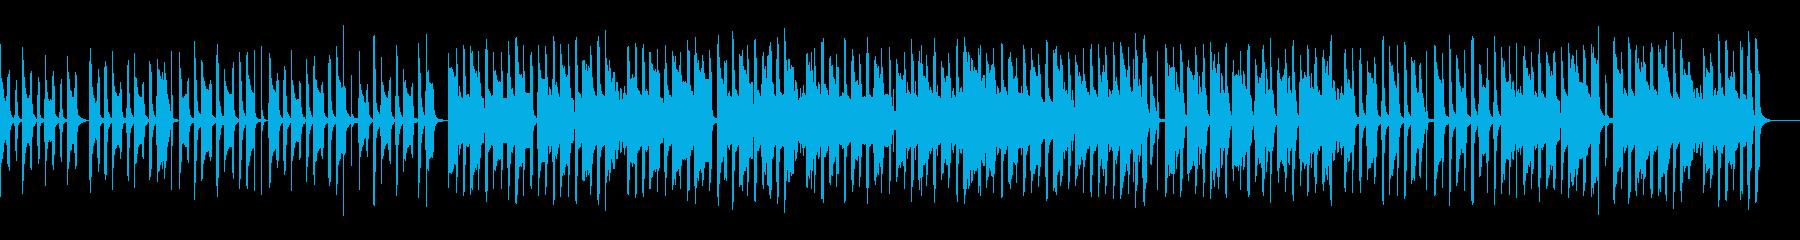 ほのぼの日常BGM トイピアノ 三拍子の再生済みの波形